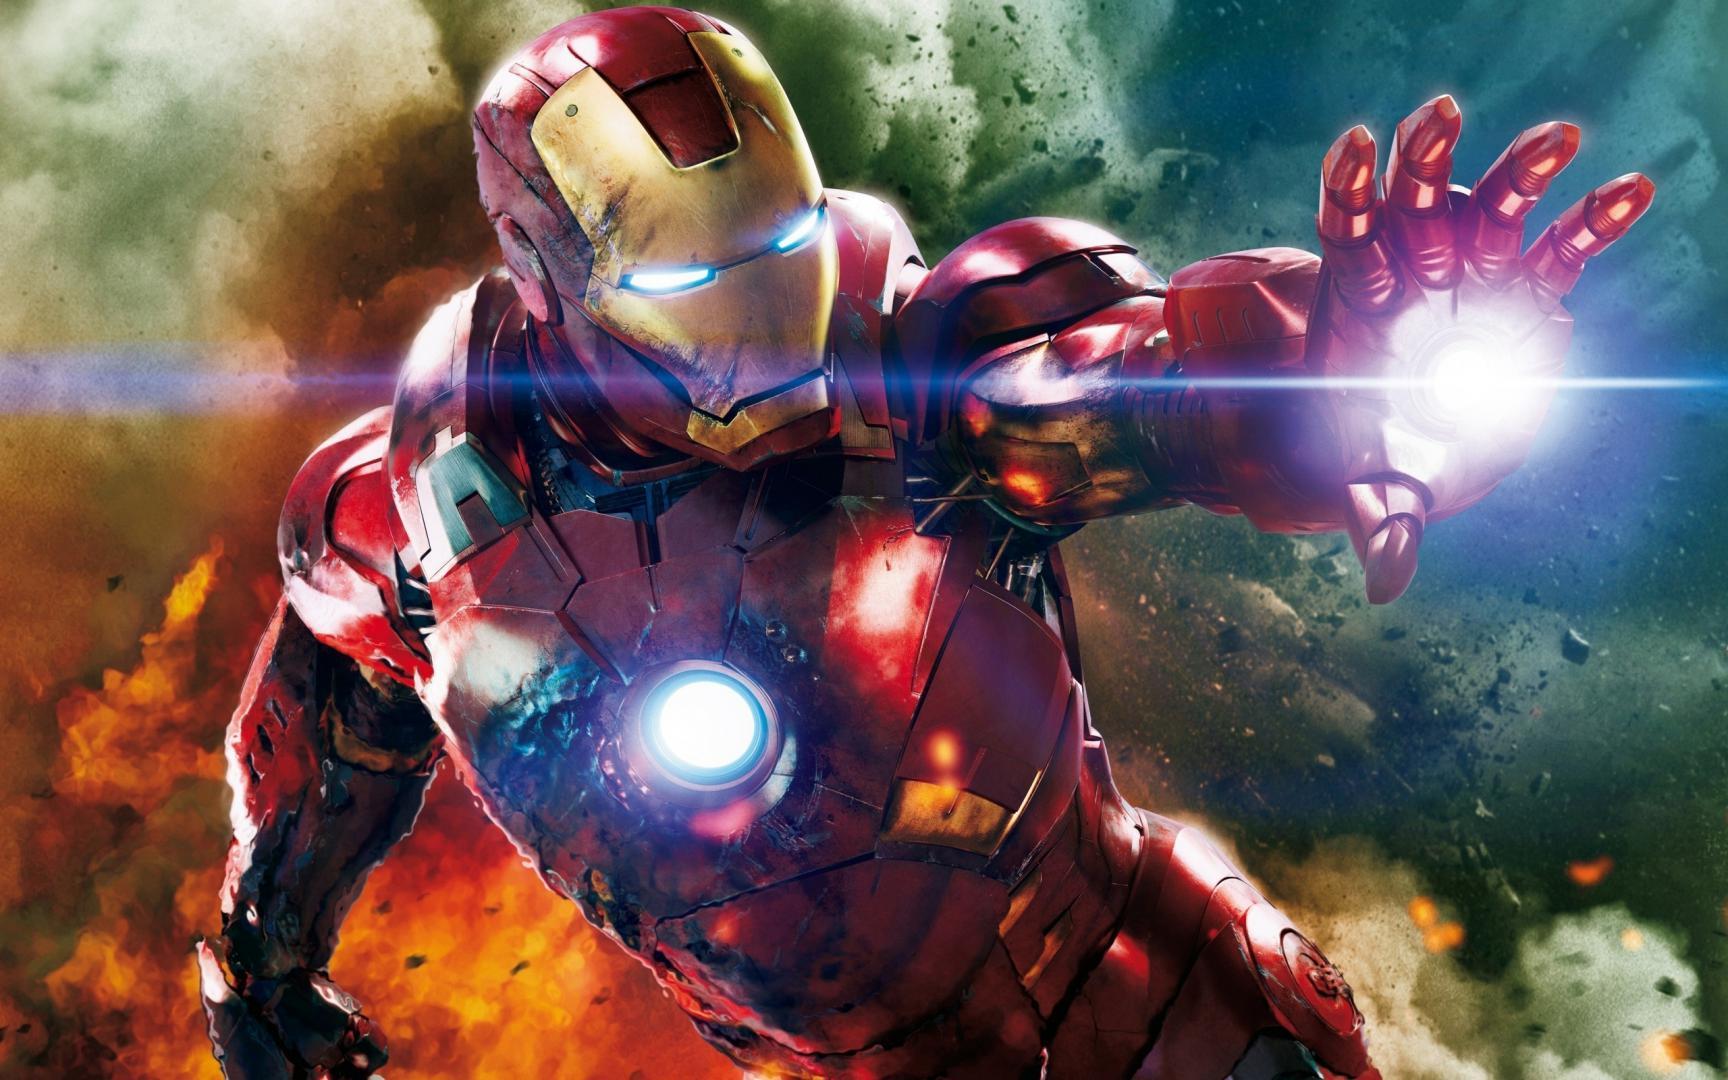 Обои Железный еловек на iphone, костюм, супергерой, 2560 на 1600 пикселей